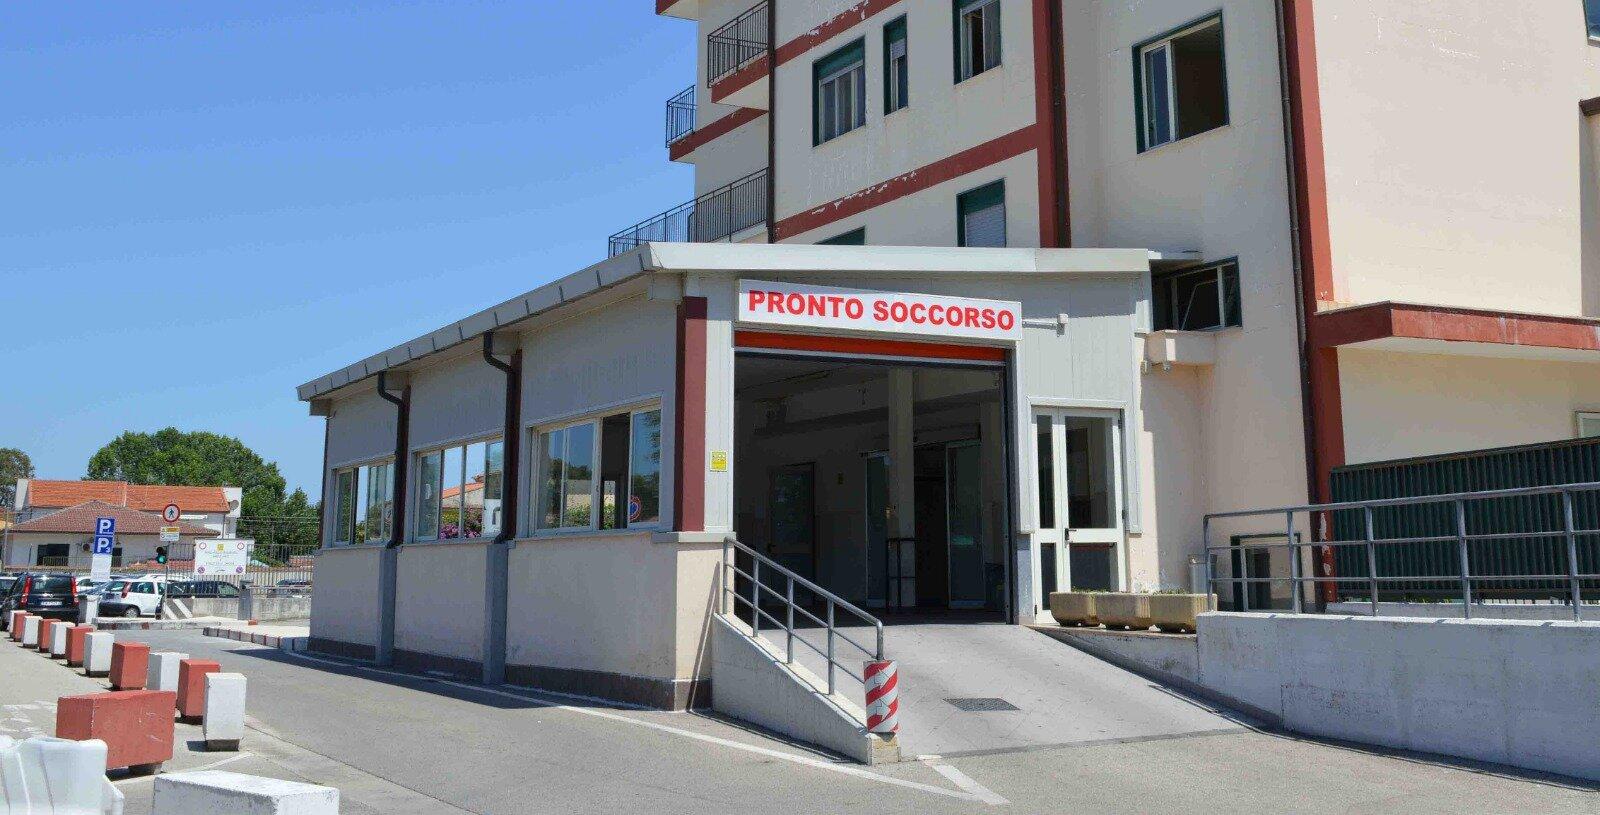 Influenza aviaria a Castel Volturno: grave un uomo, ospedale in quarantena